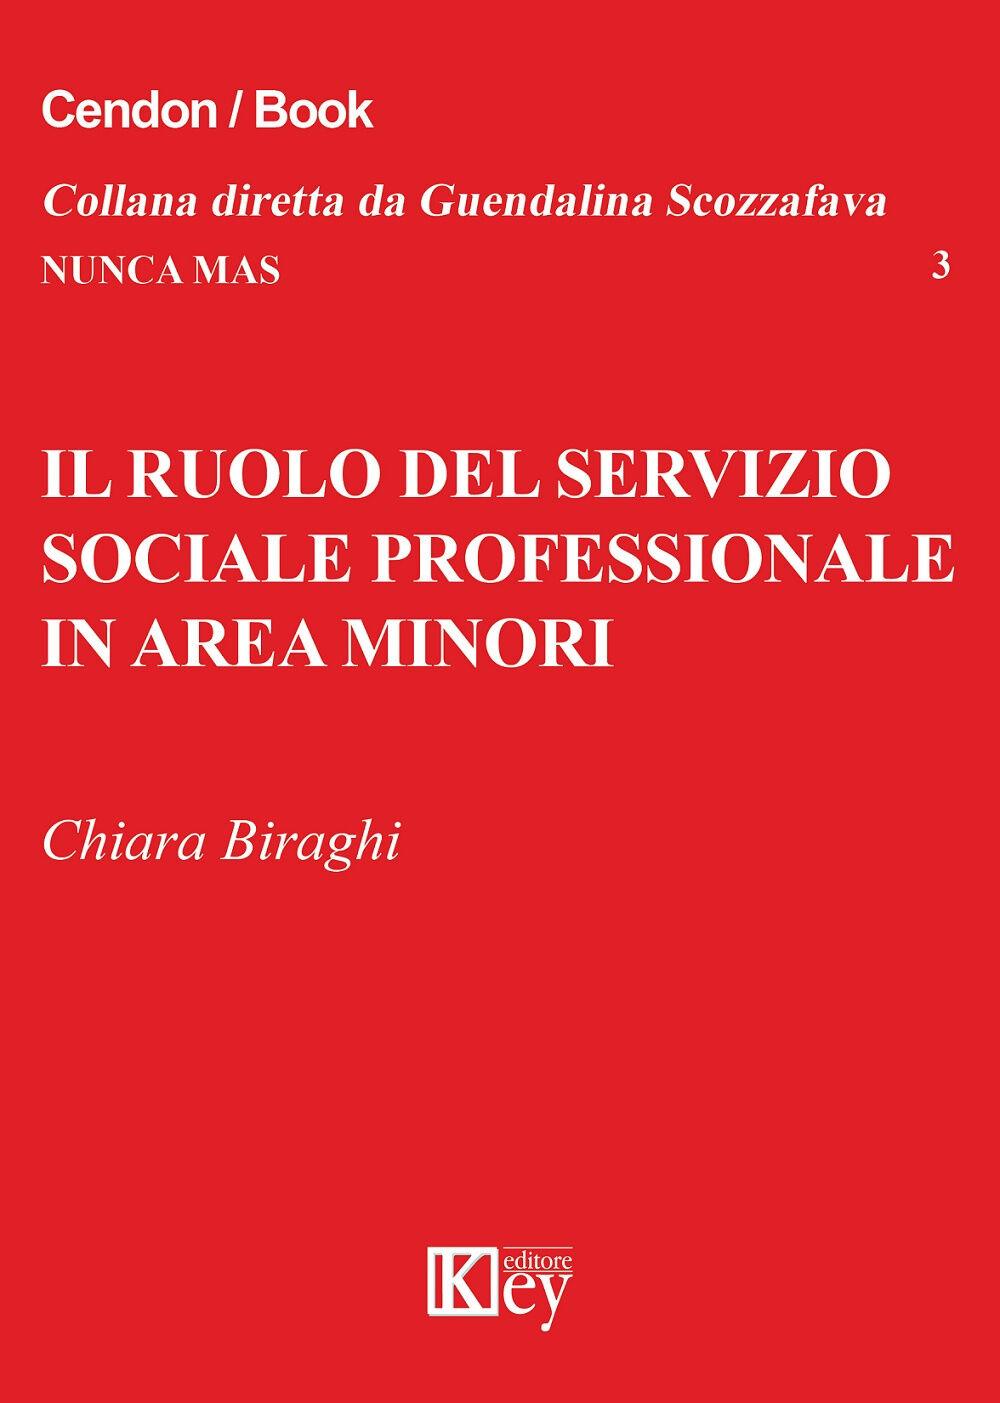 Il ruolo del servizio sociale professionale in area minori